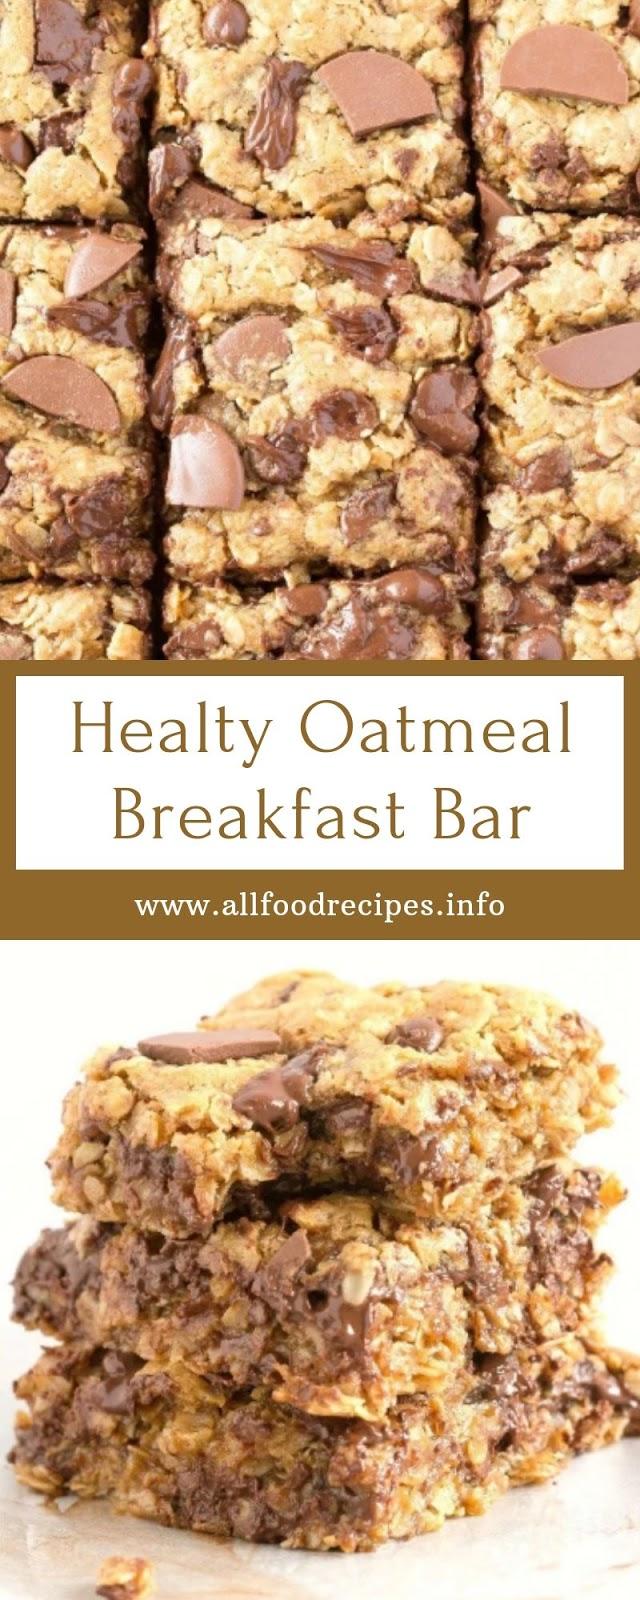 Healty Oatmeal Breakfast Bar